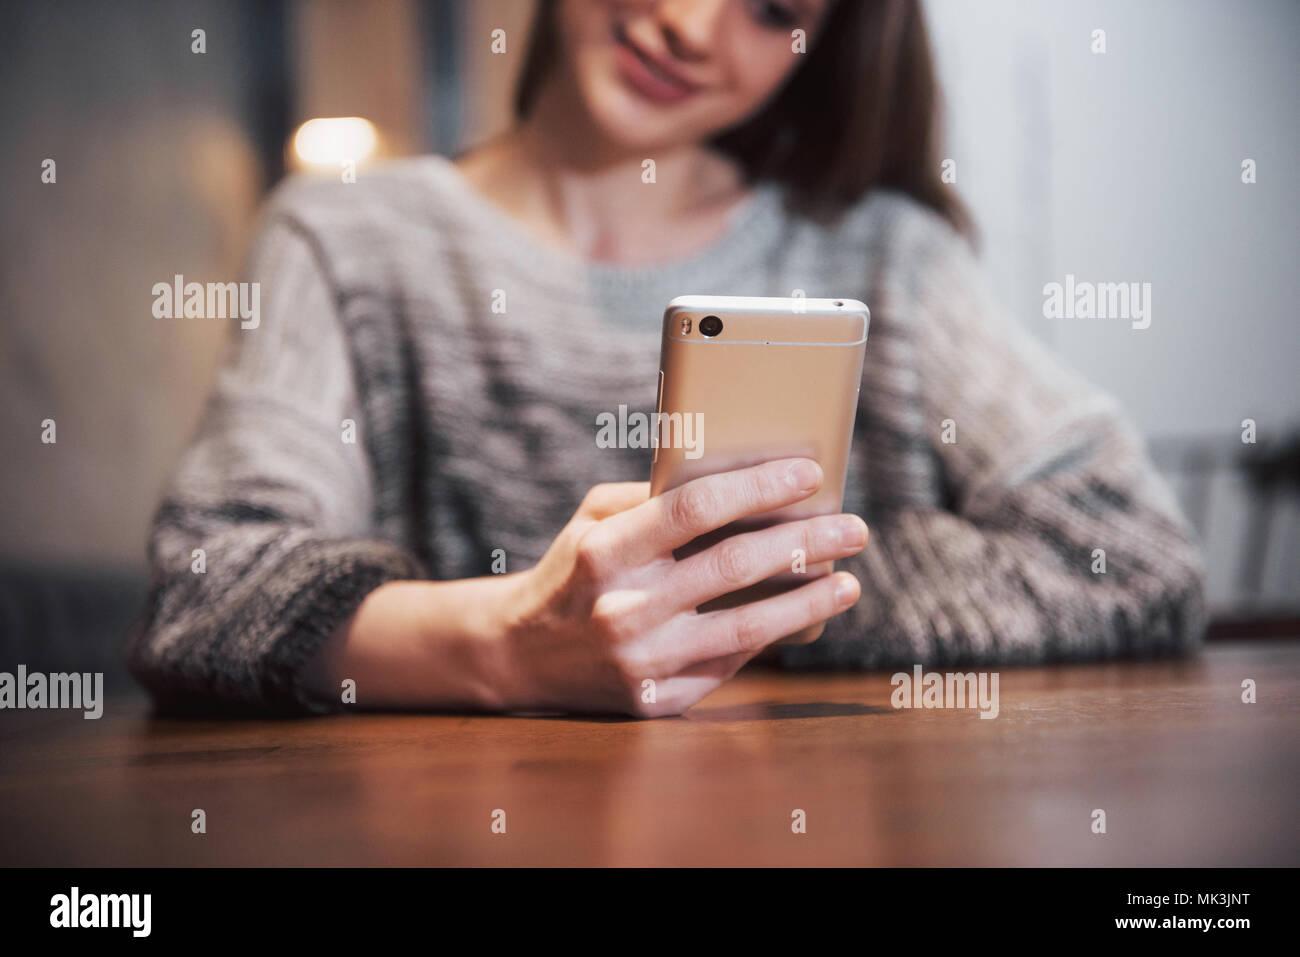 Un attraente ragazza con lunghi capelli neri medita un nuovo progetto durante una pausa caffè seduti a un tavolo in una caffetteria Immagini Stock